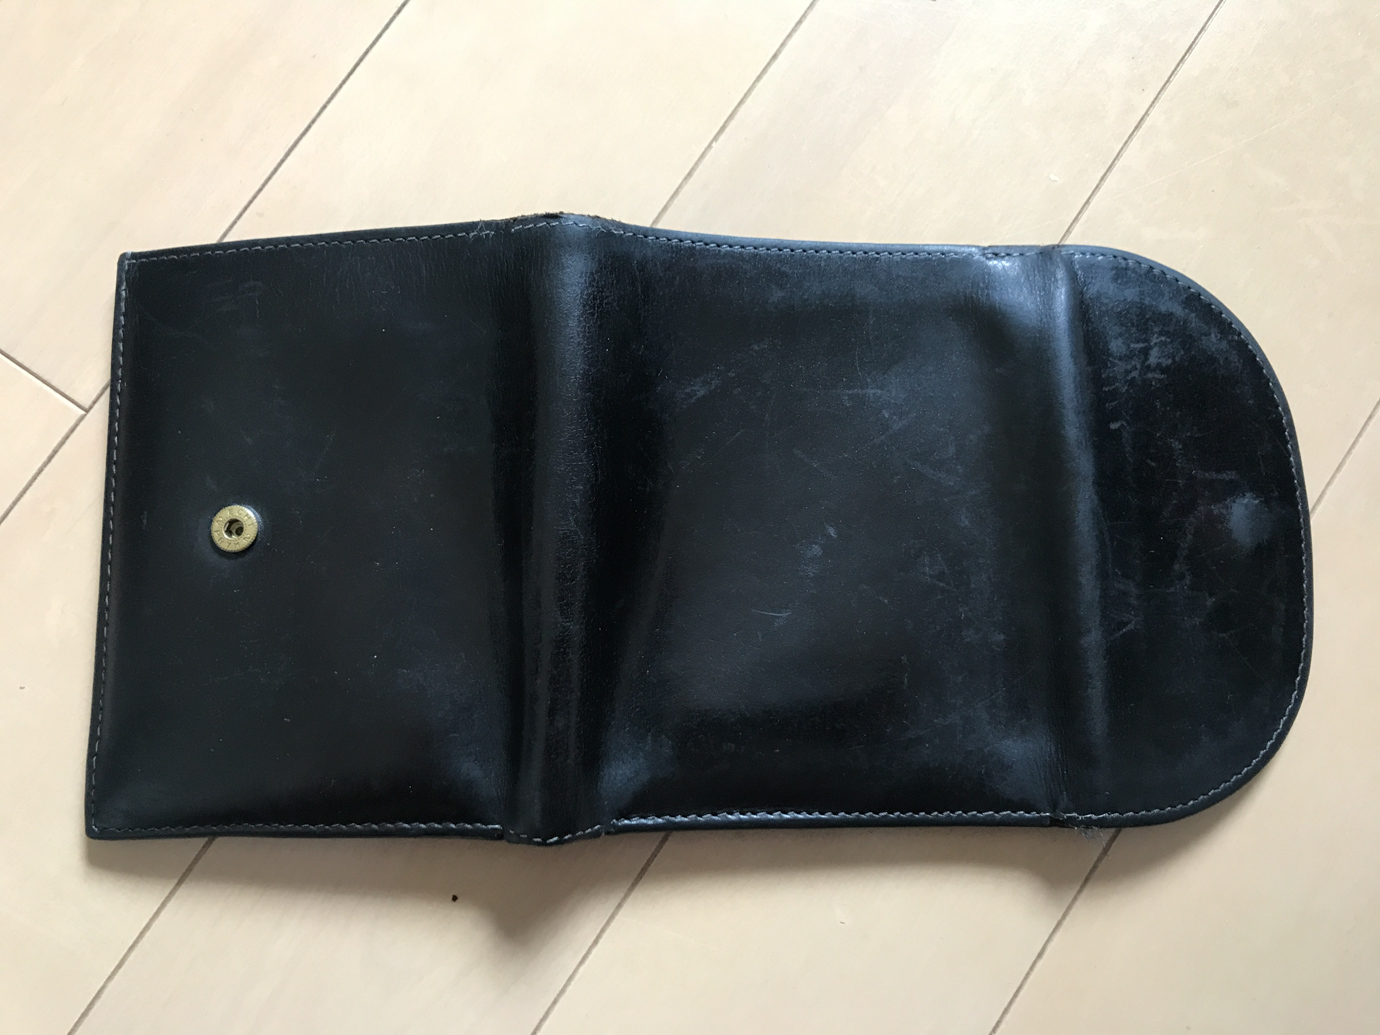 ホワイトハウスコックスの財布の表